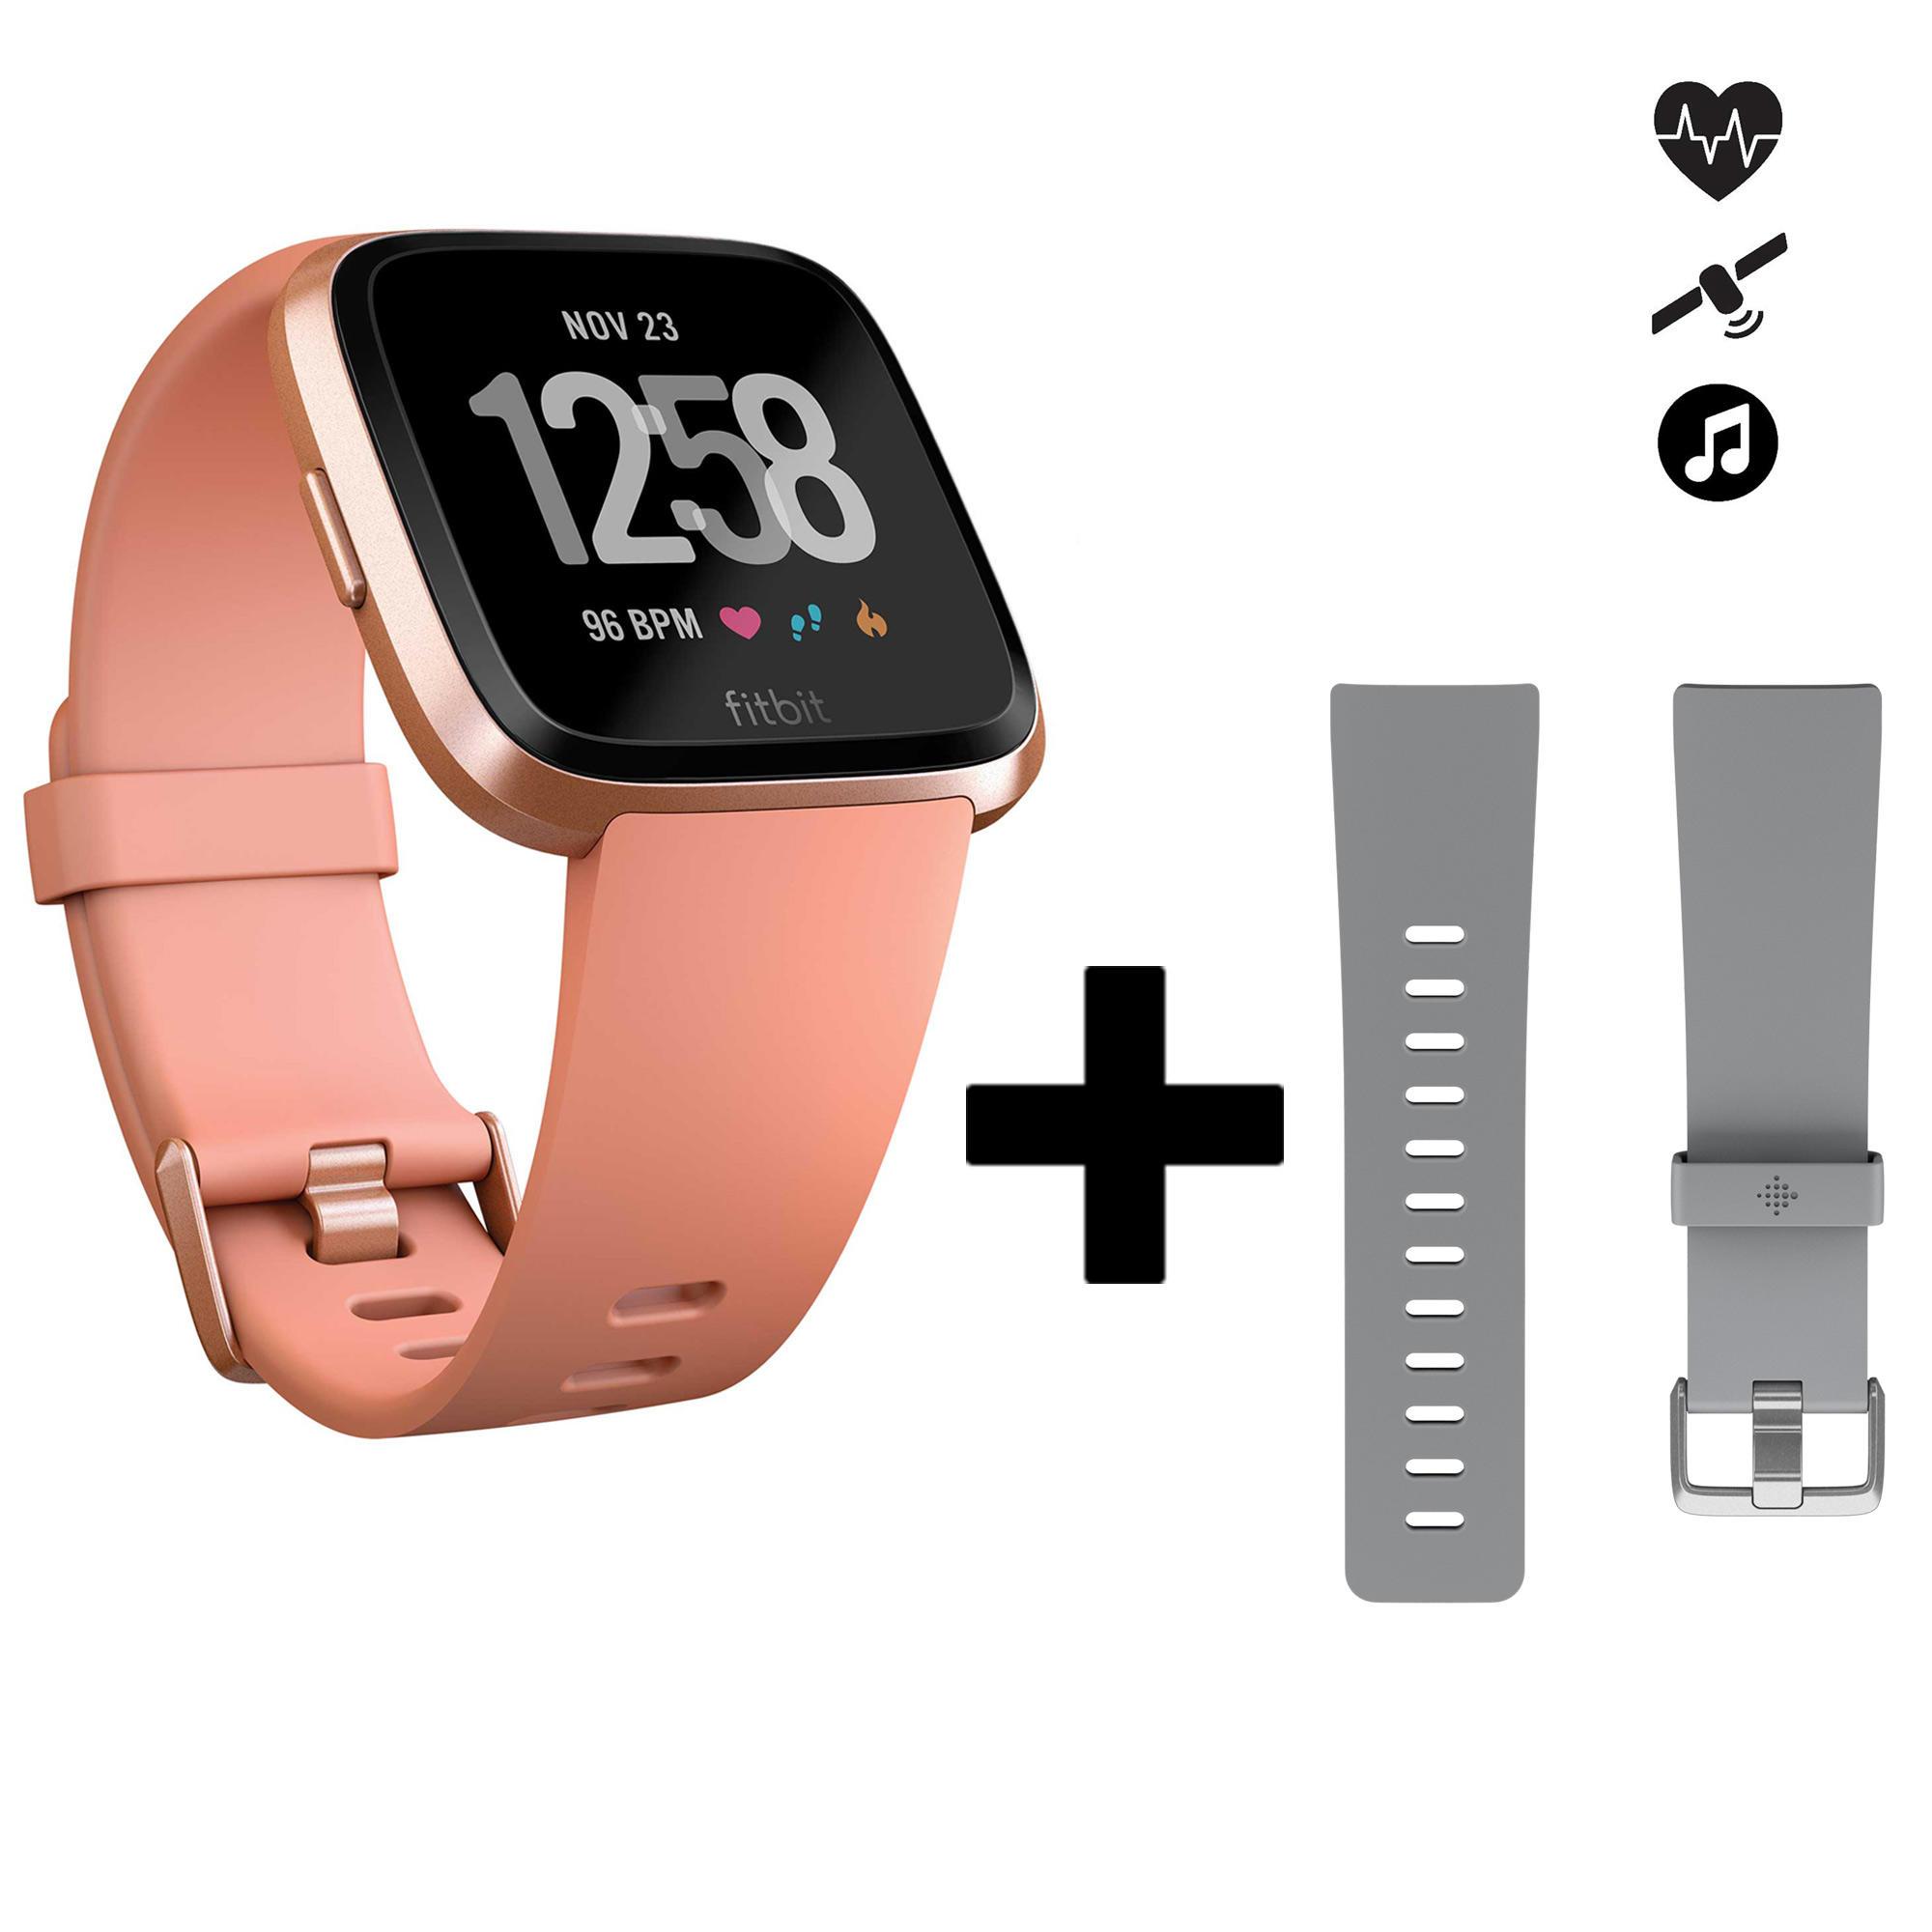 Versa pfirsich Smartwatch mit Pulsmesser am Handgelenk + graues Armband | Uhren > Smartwatches | Fitbit